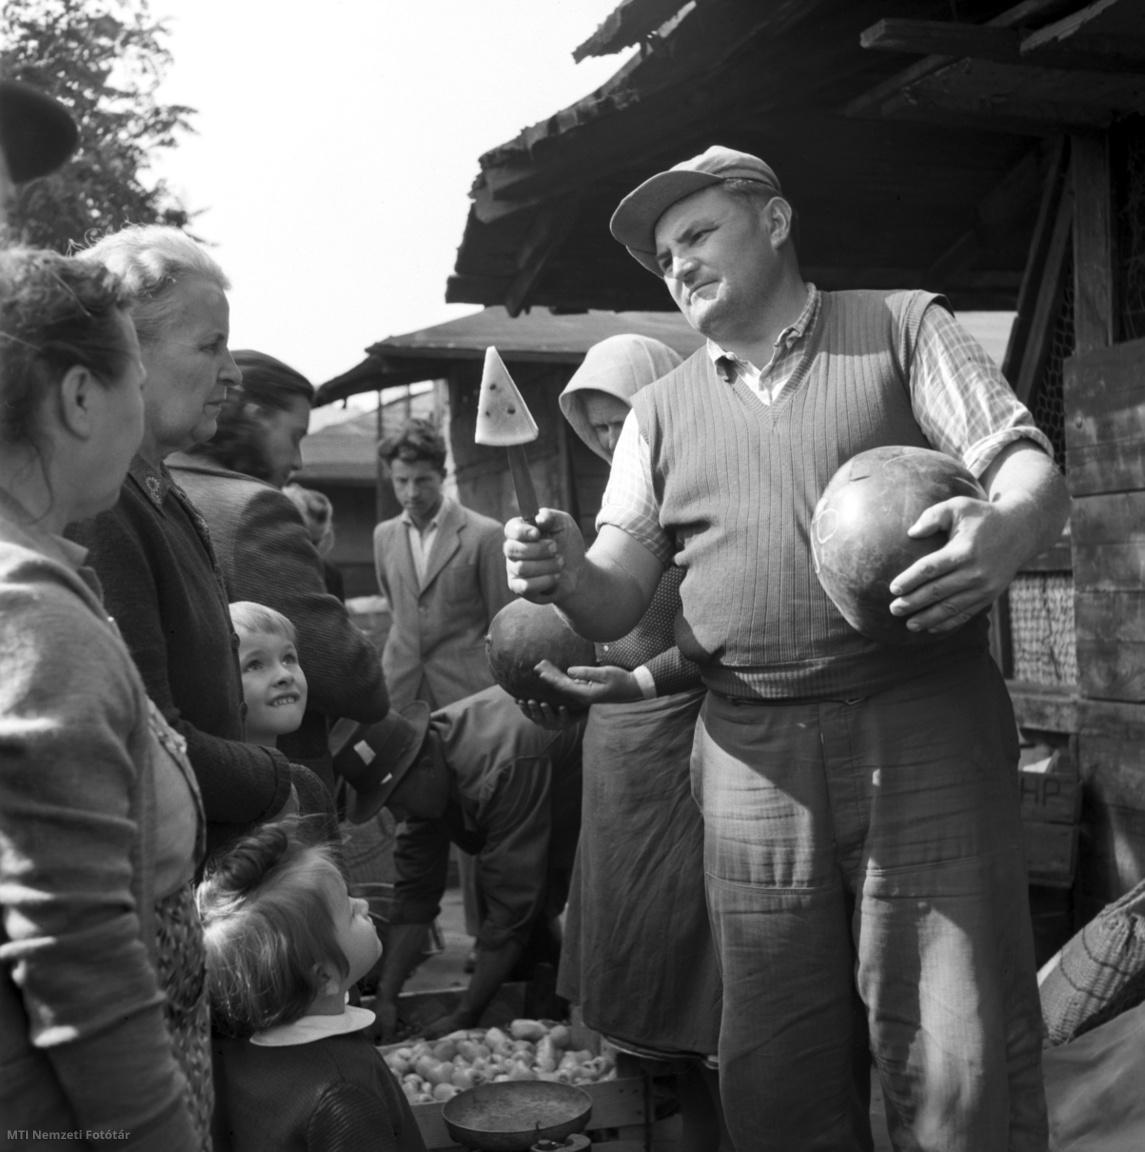 Budapest 1957. szeptember 20. A dinnyéből lékelt szeletet kínálja az Élmunkás téri piac dinnyeárusa.